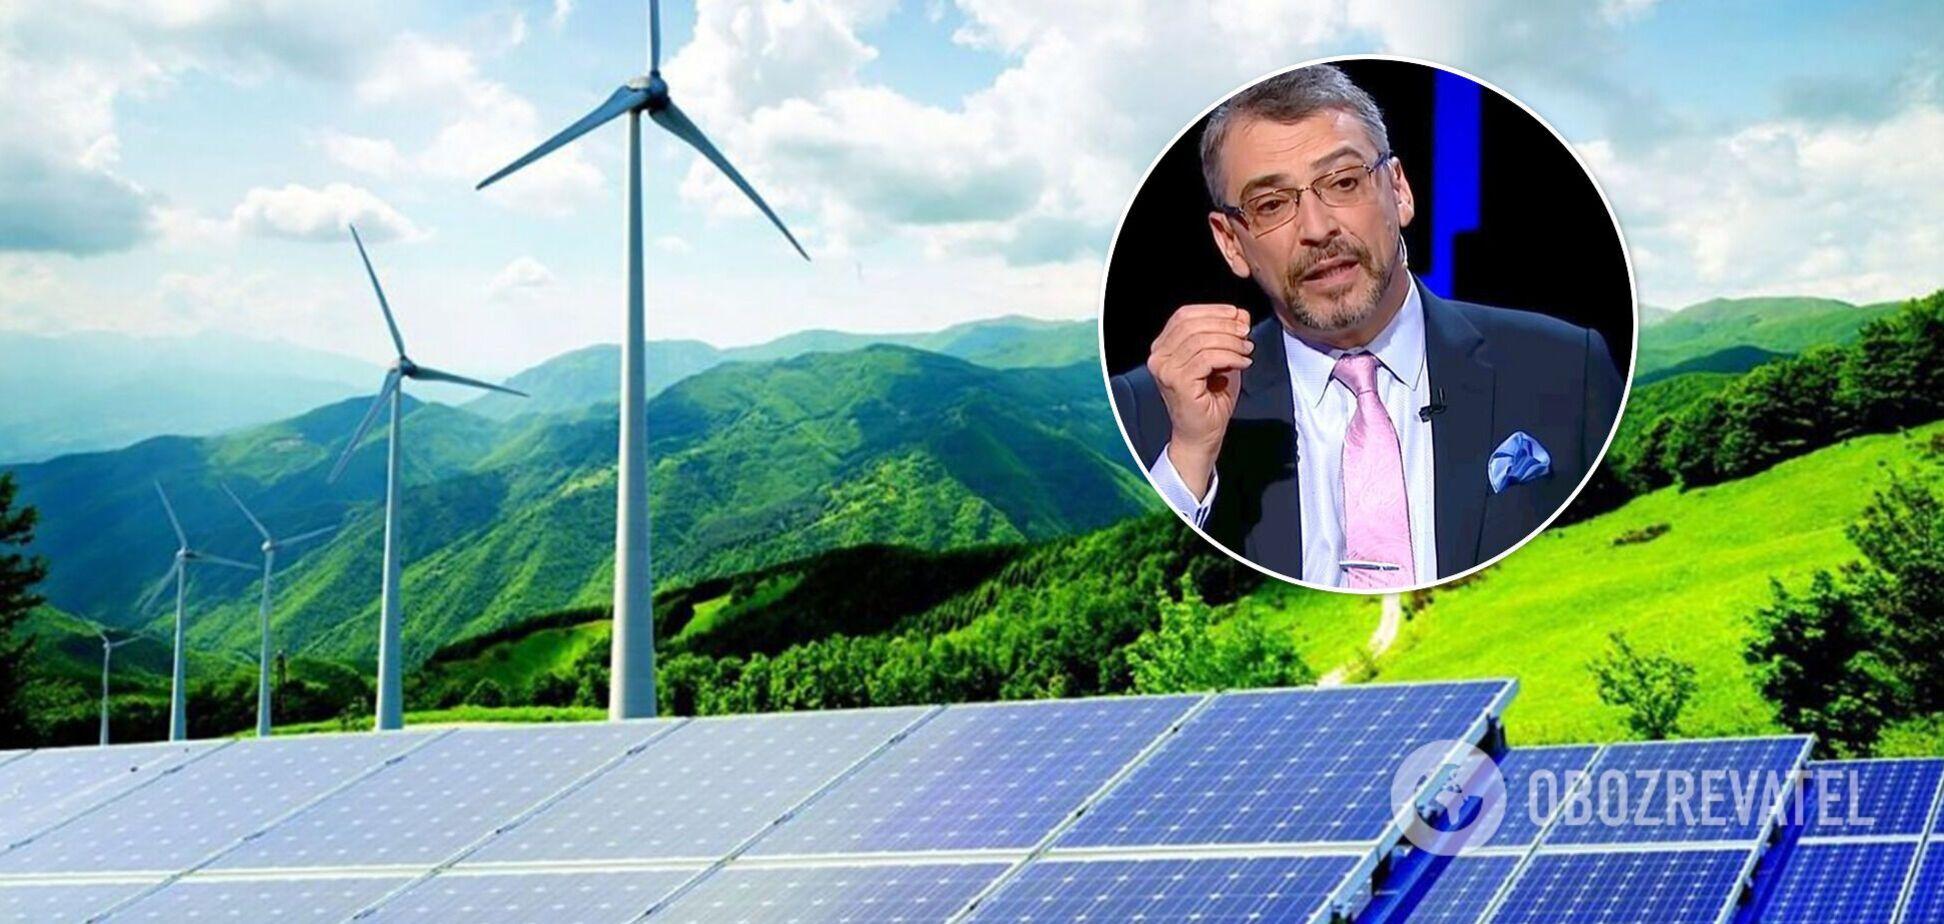 Долги и фискальное давление Украины на 'зеленых' инвесторов ухудшают отношения государства с ЕС и США, – Коэн